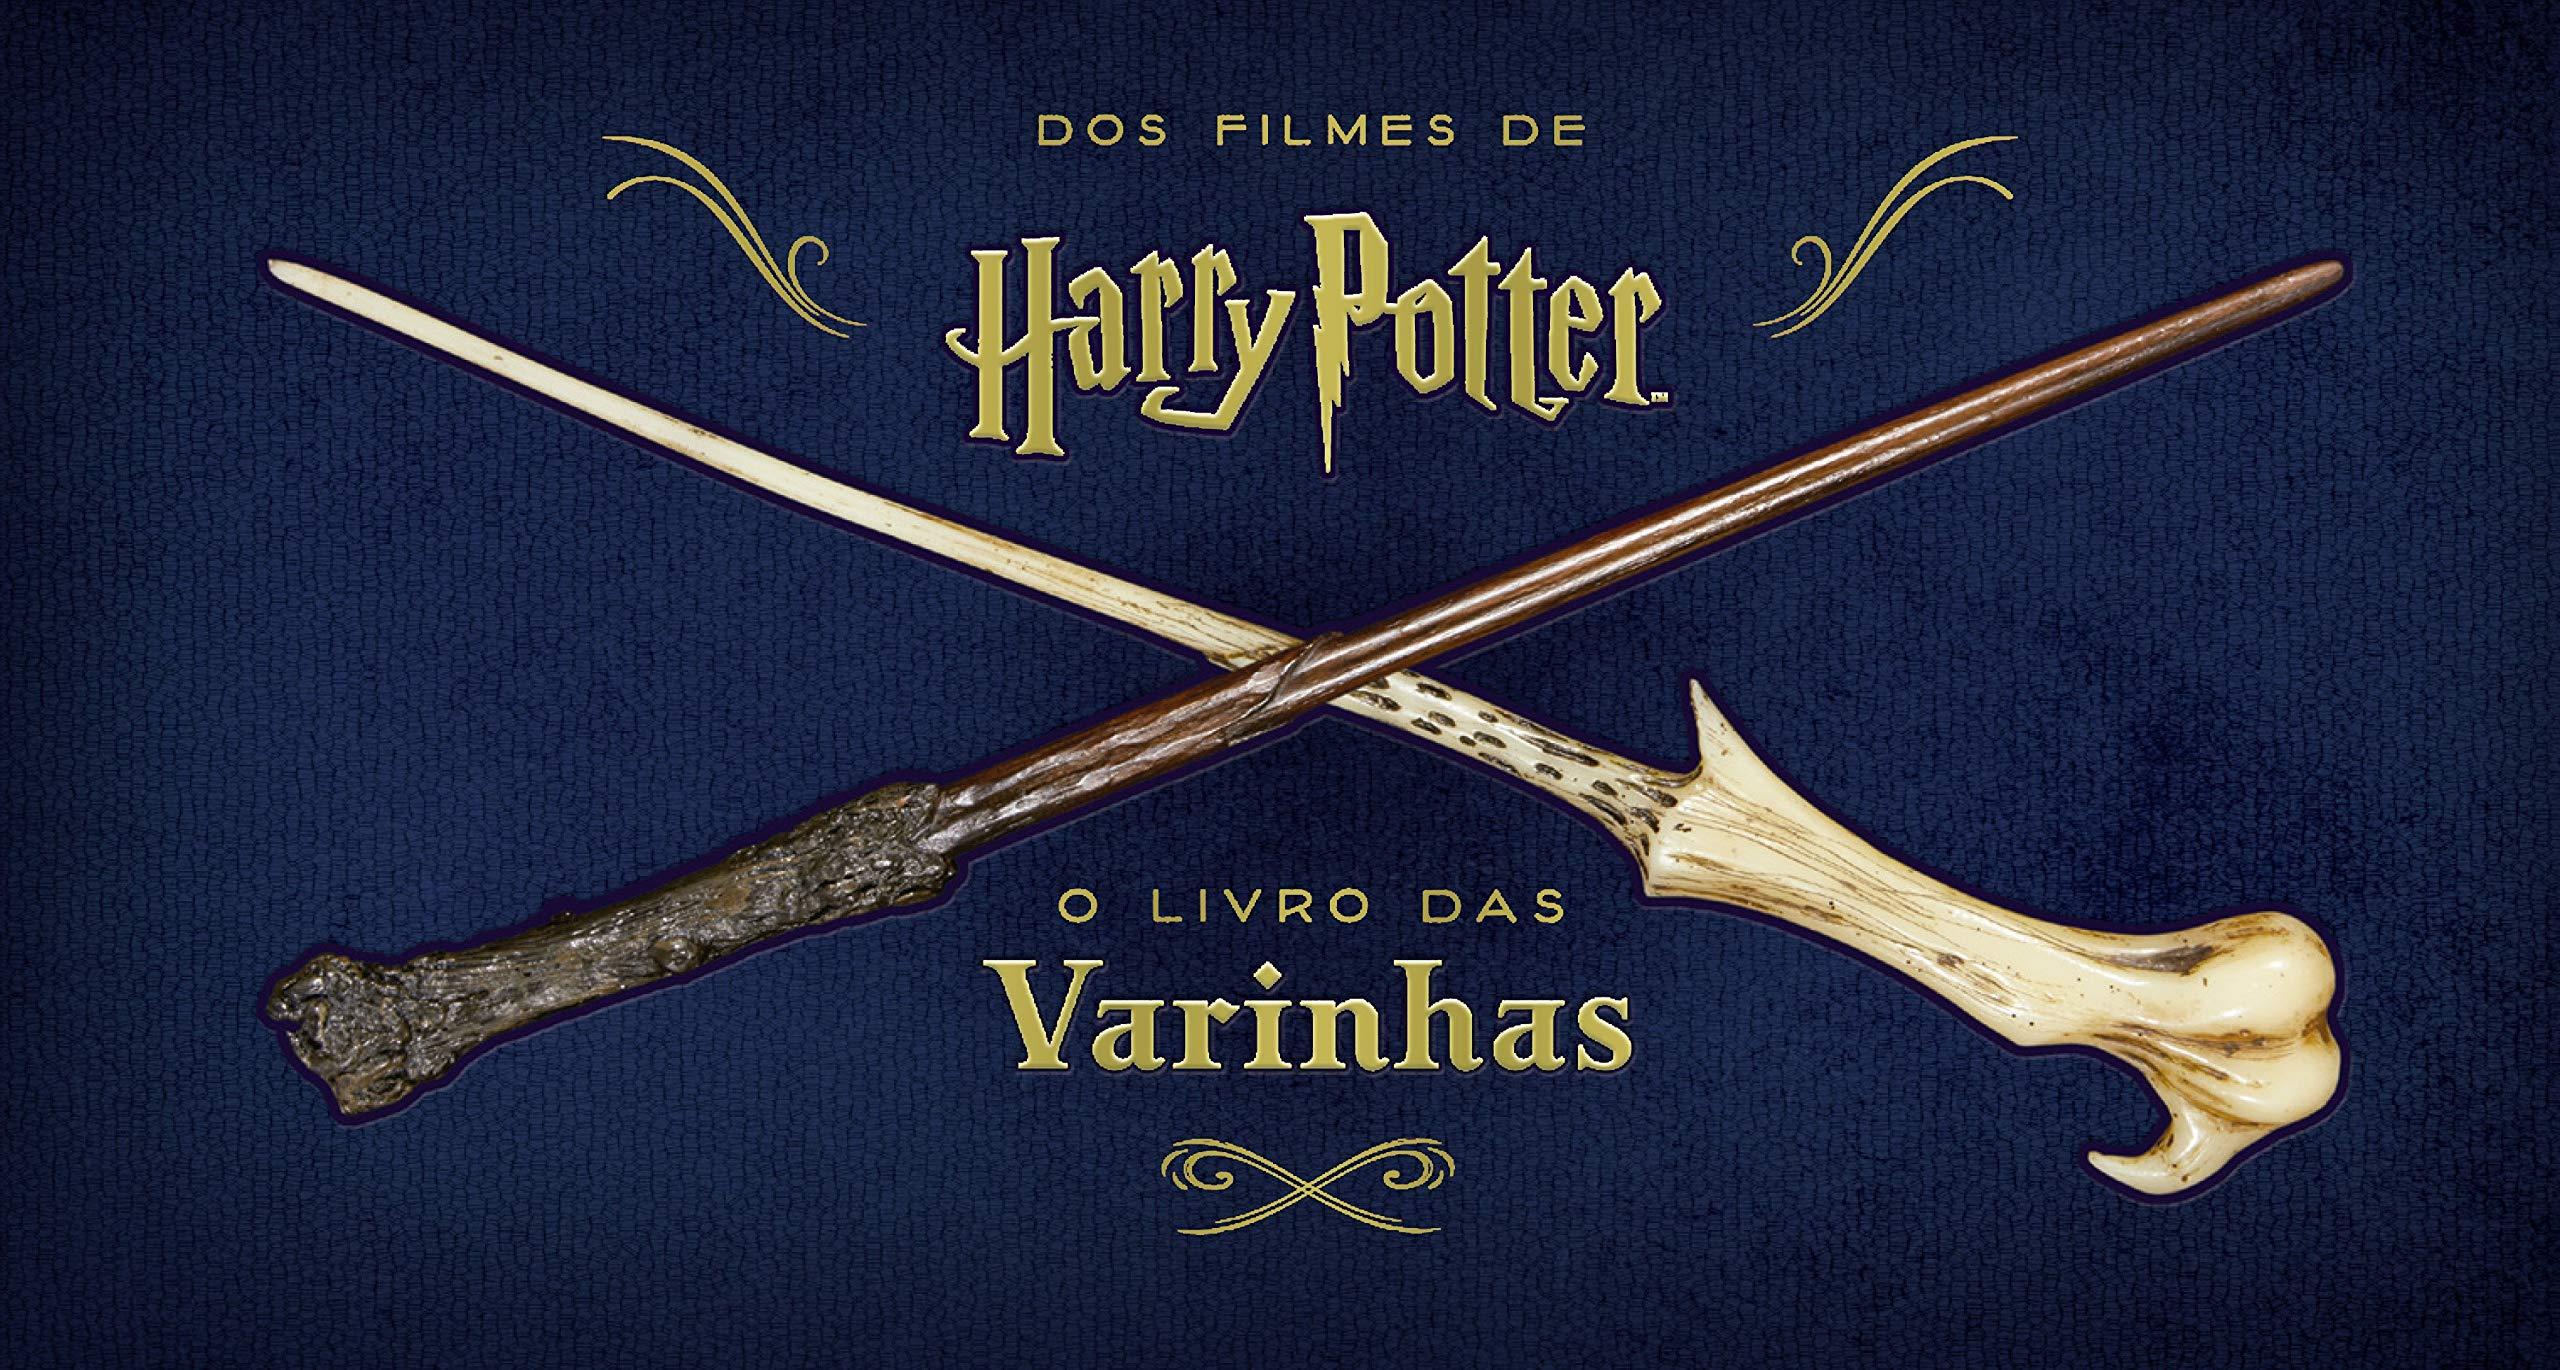 Harry Potter: O livro das varinhas - Livros na Amazon Brasil